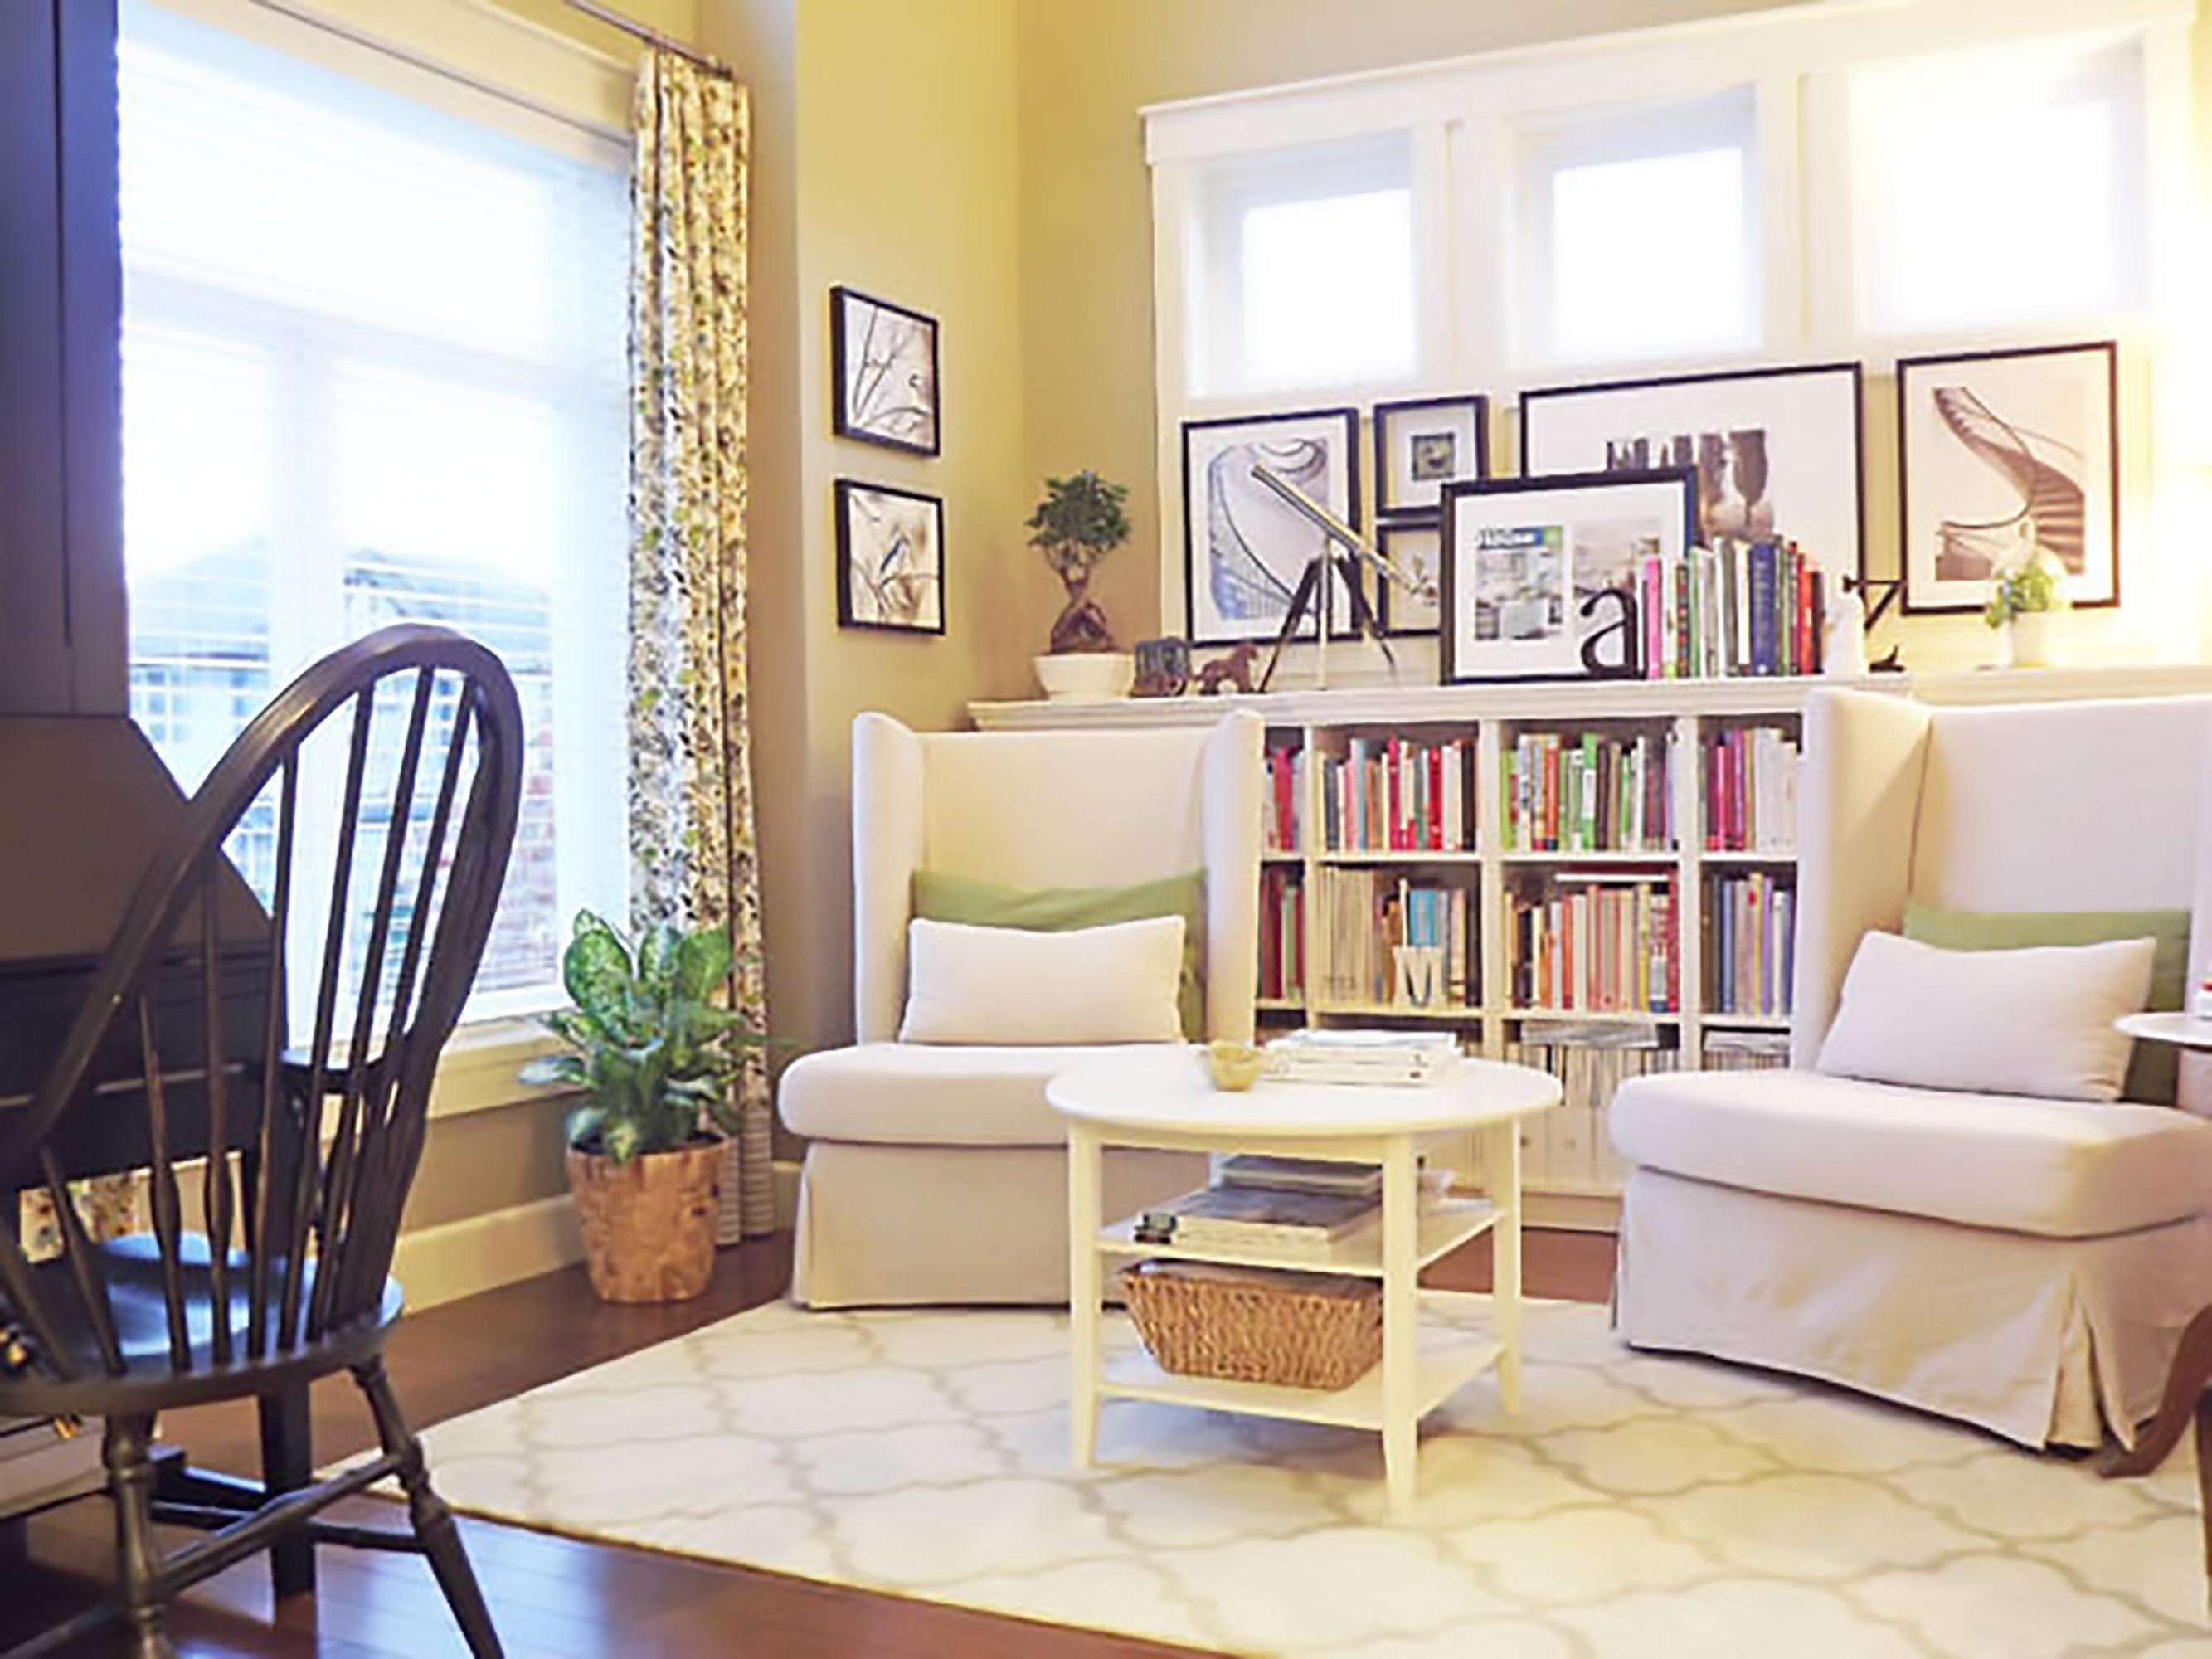 ghế đọc sách bố trí ở phòng khách